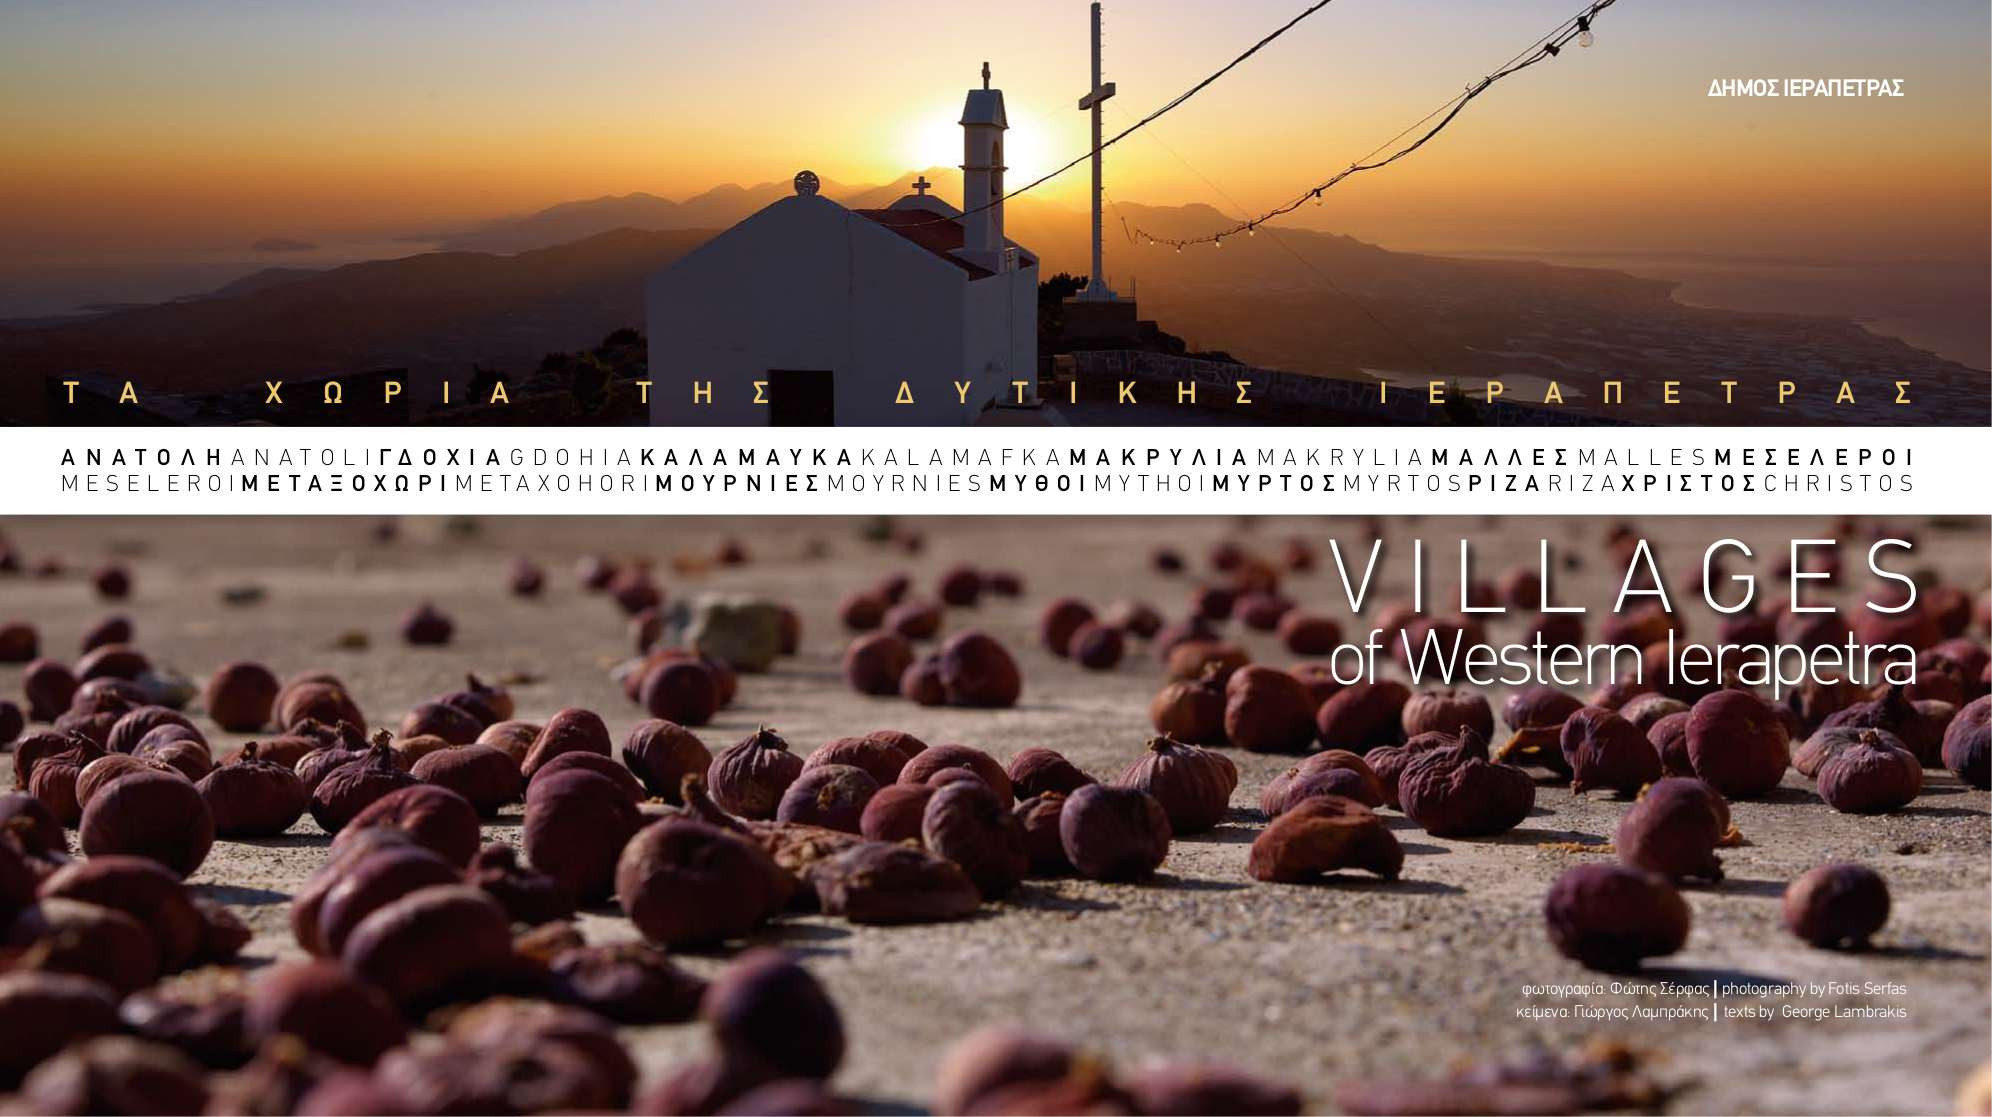 Χωριά της Δυτικής Ιεράπετρας - Villages of Western Ierapetra